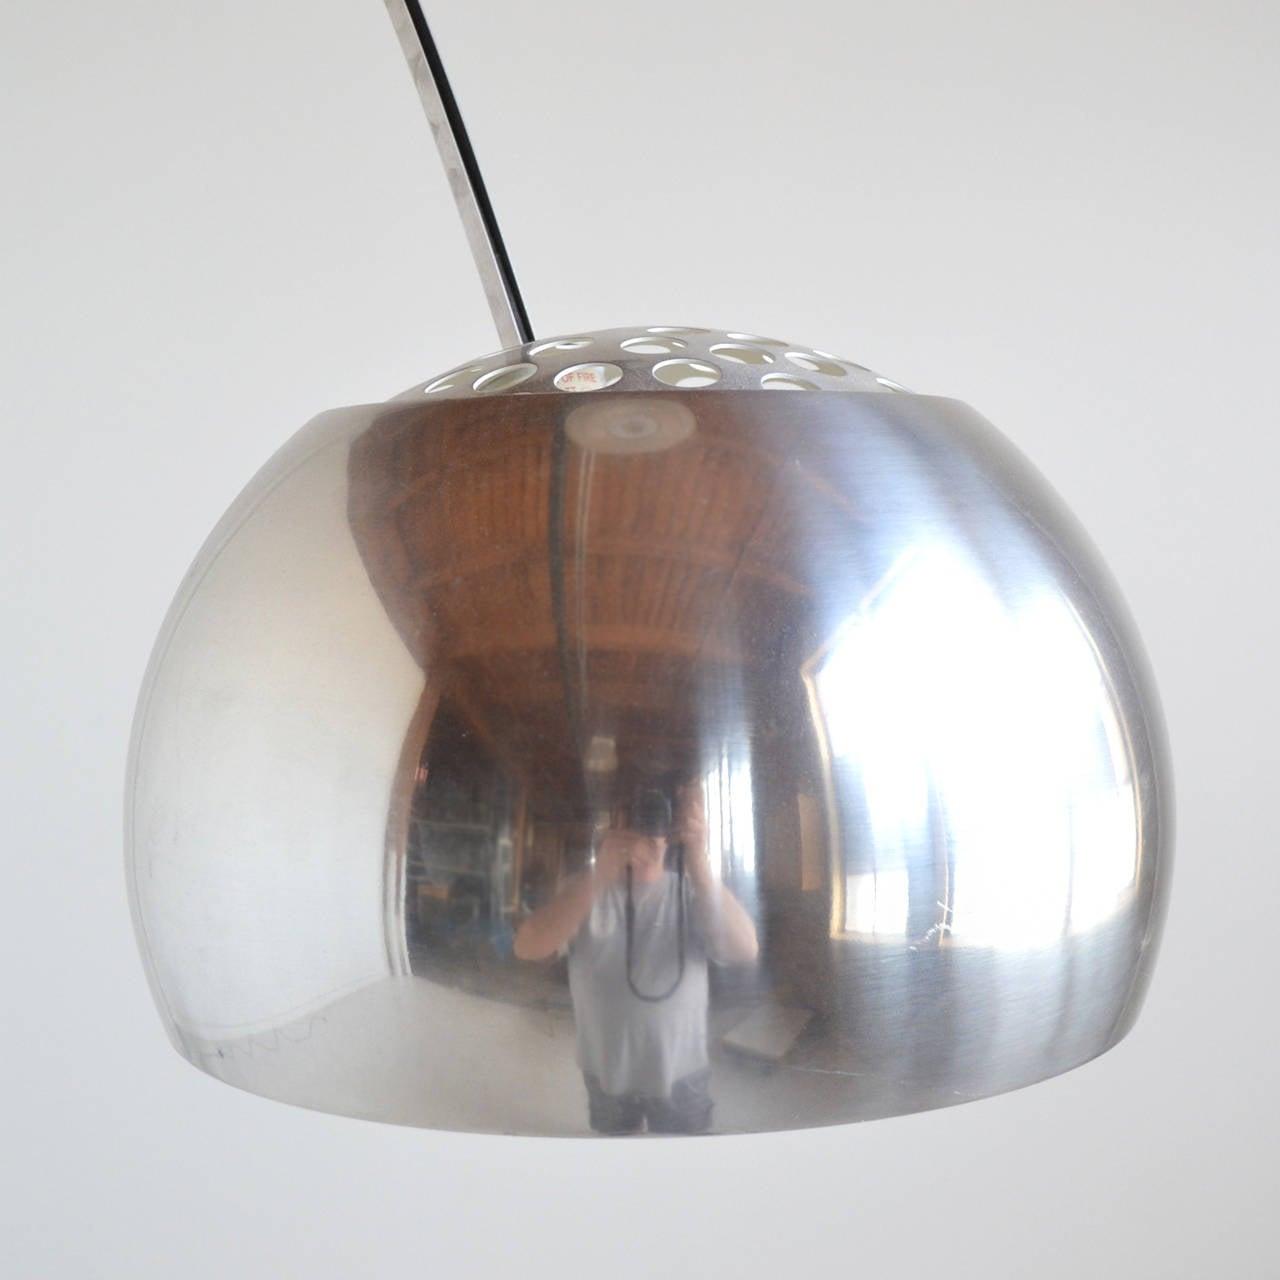 Aluminum Achille Castiglioni Arco Lamp by Flos For Sale